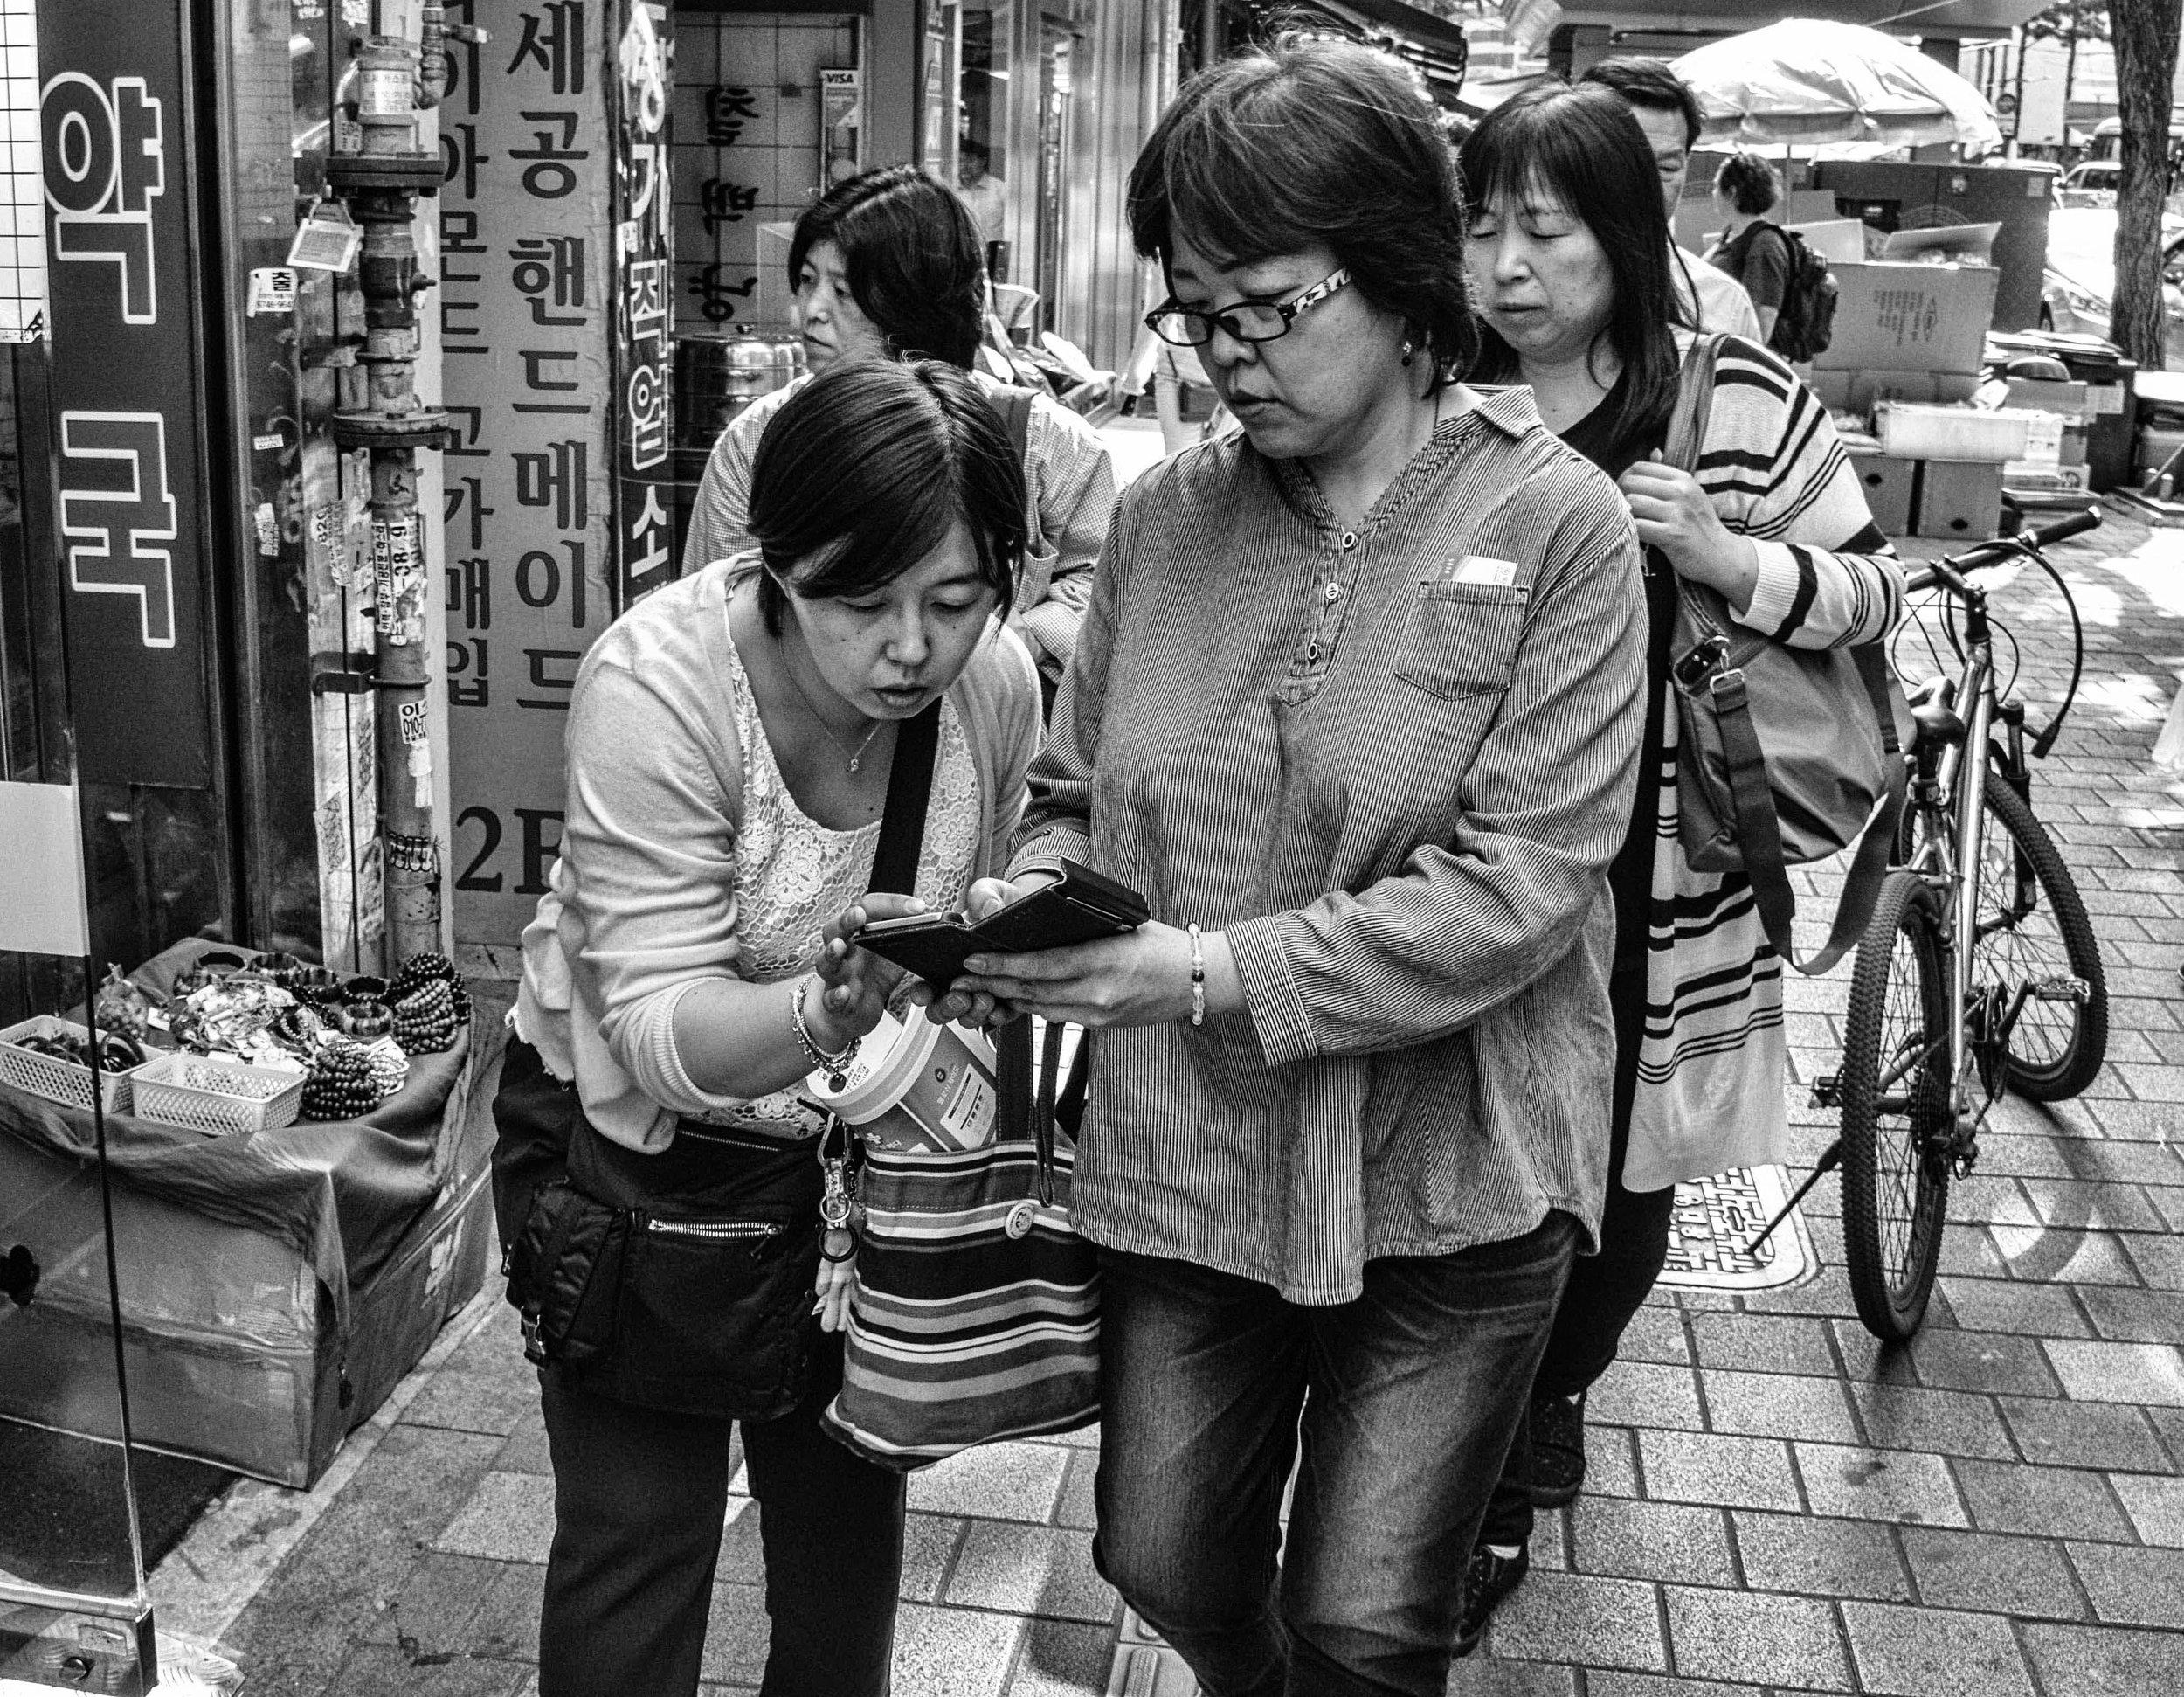 On the street #115 - re-edit.JPG